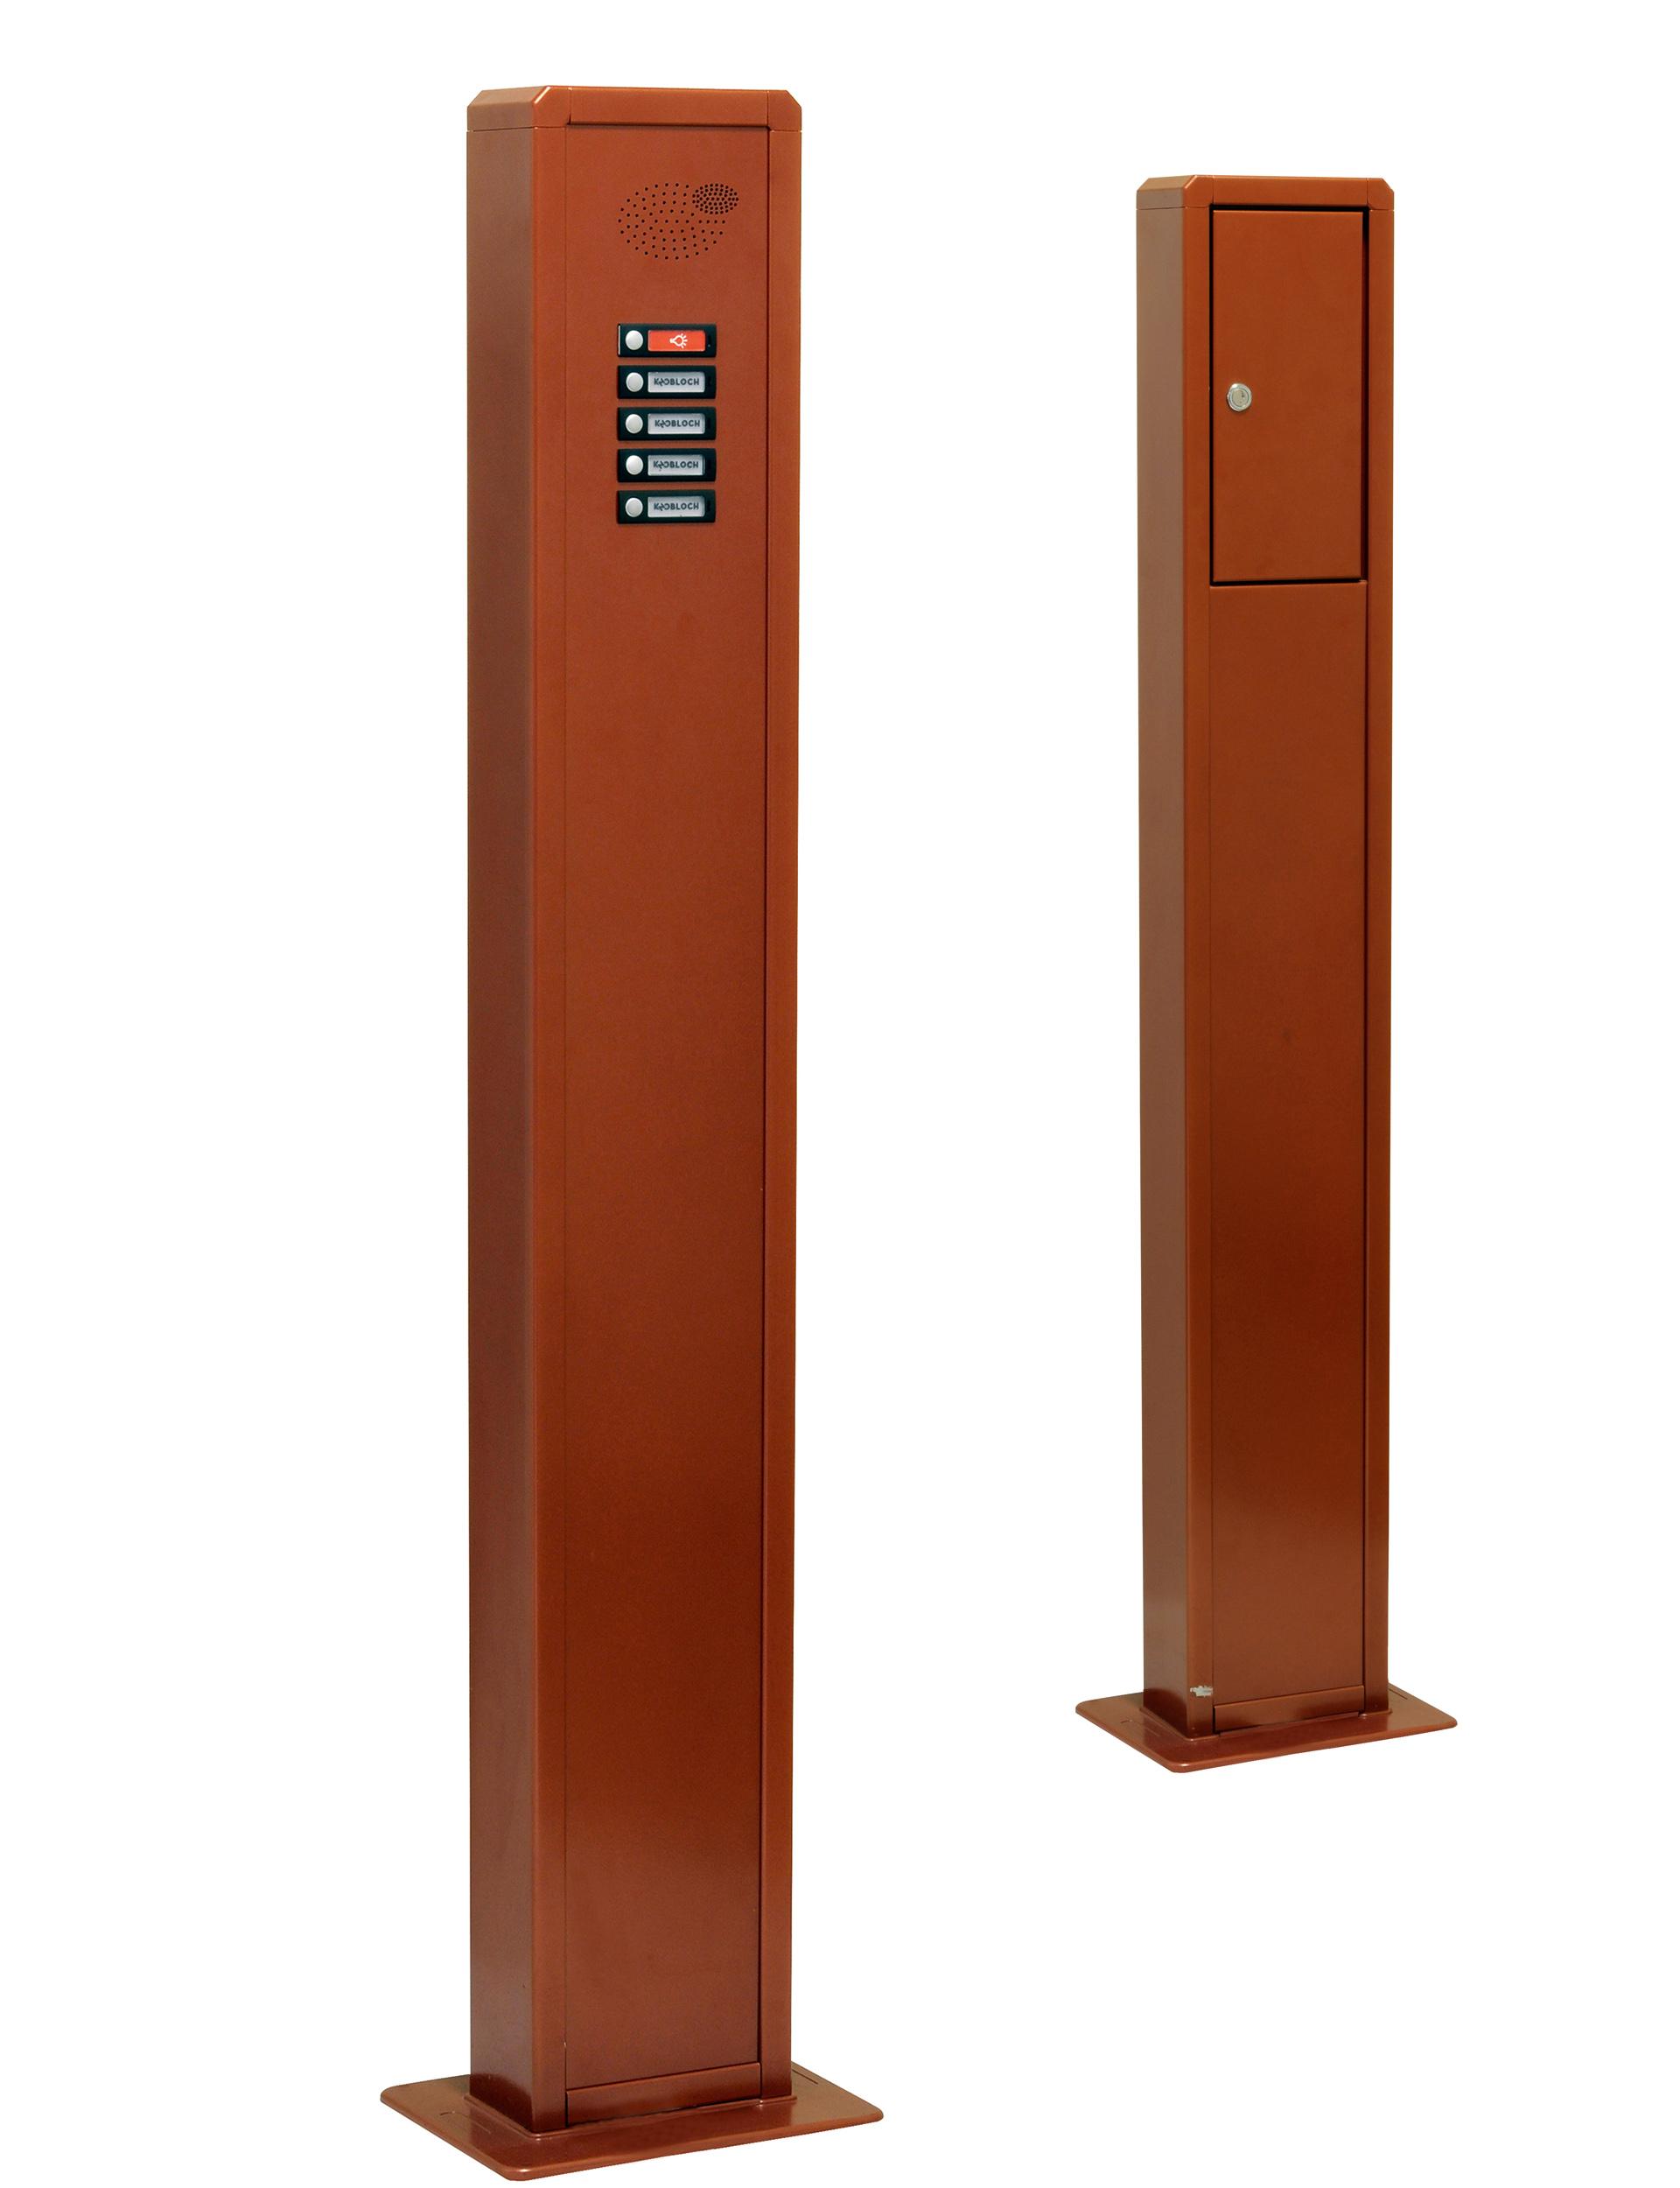 Kommunikationssäule KS5000, bodenstehend, zum Aufschrauben, Aluminium braun pulverbeschichtet, beispielhaft bestücktes Funktionsfeld